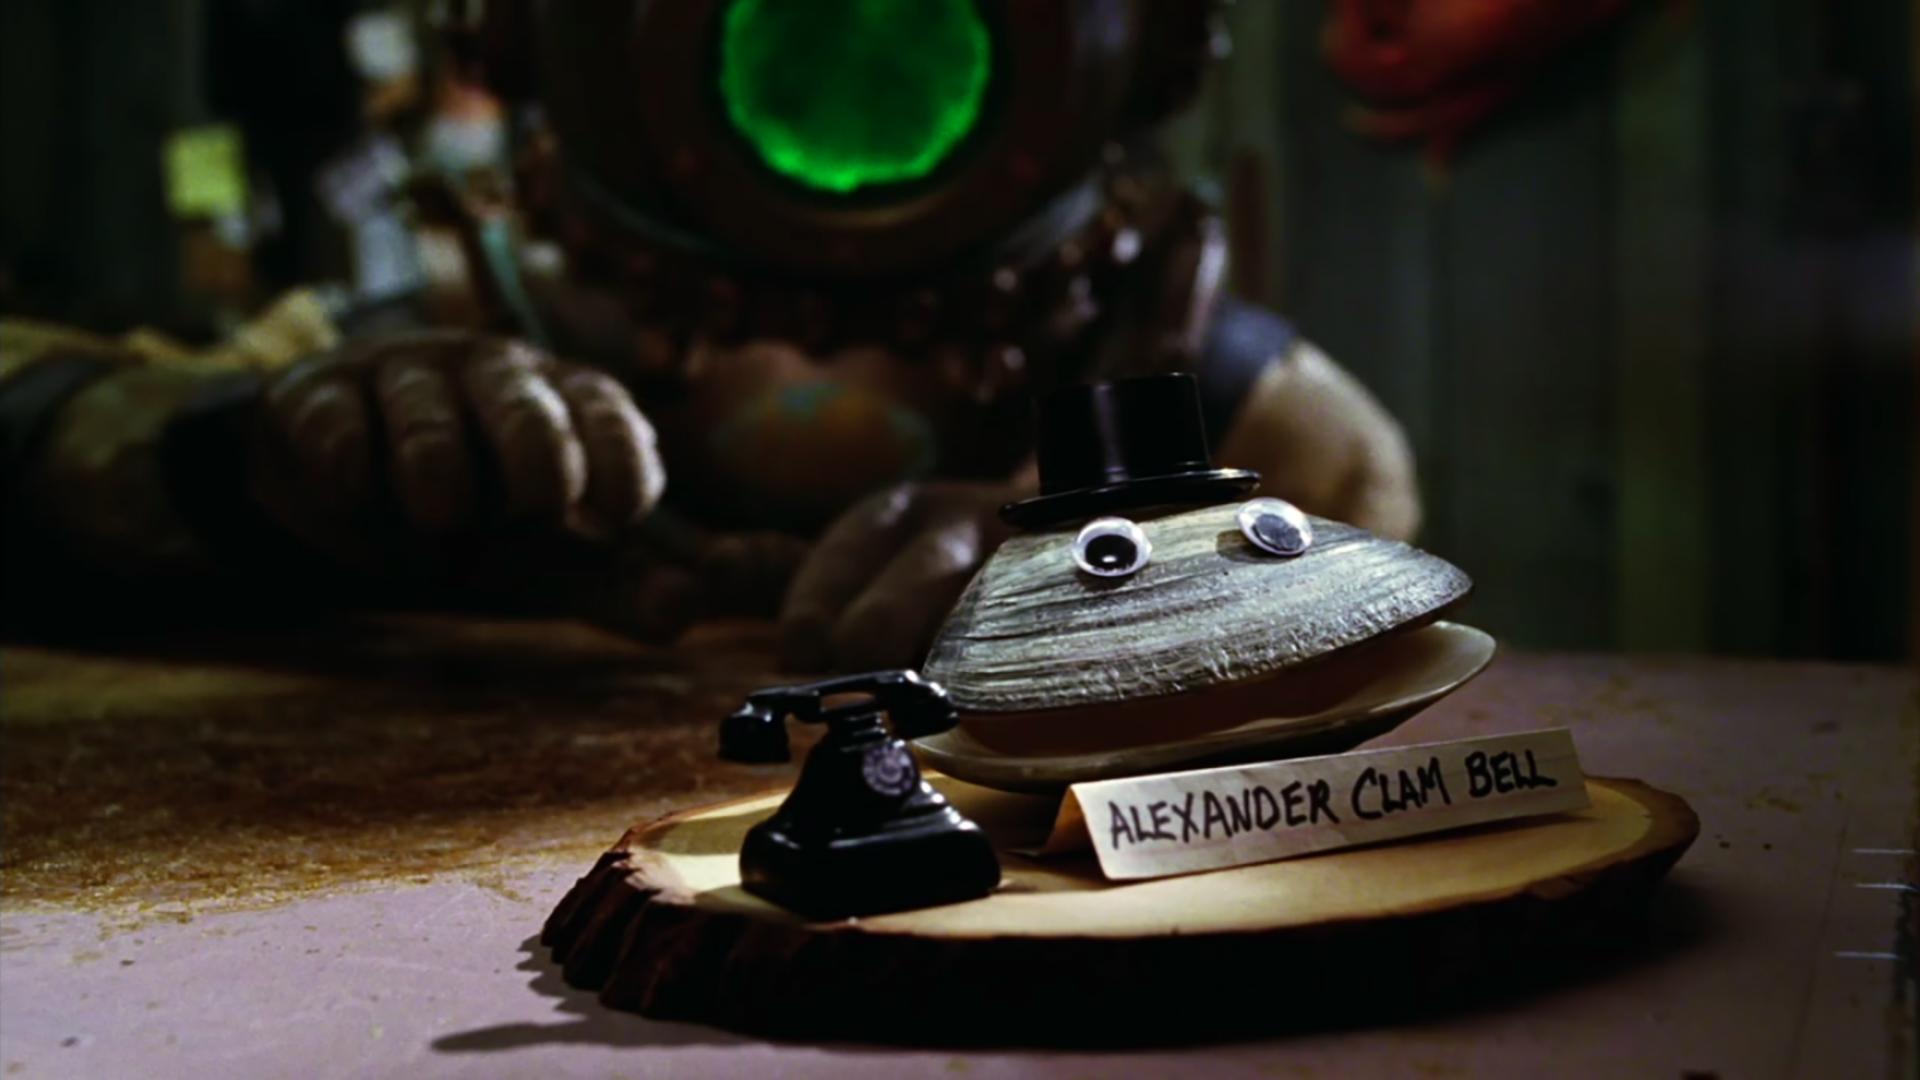 Alexander Clam Bell